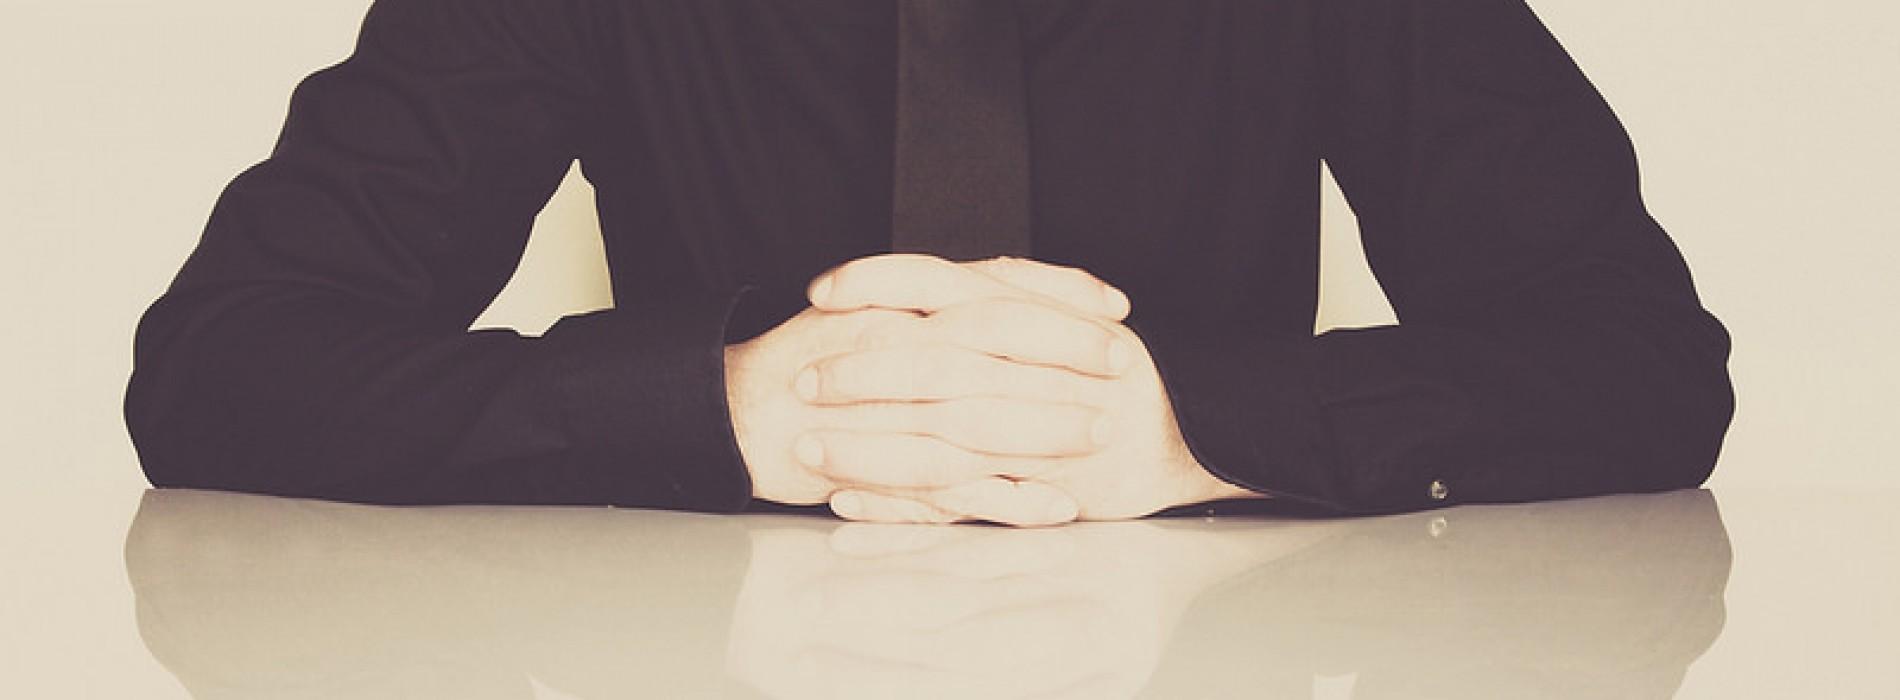 Актуално изследване показва 6-те типа най-лоши шефове. Кои са те?